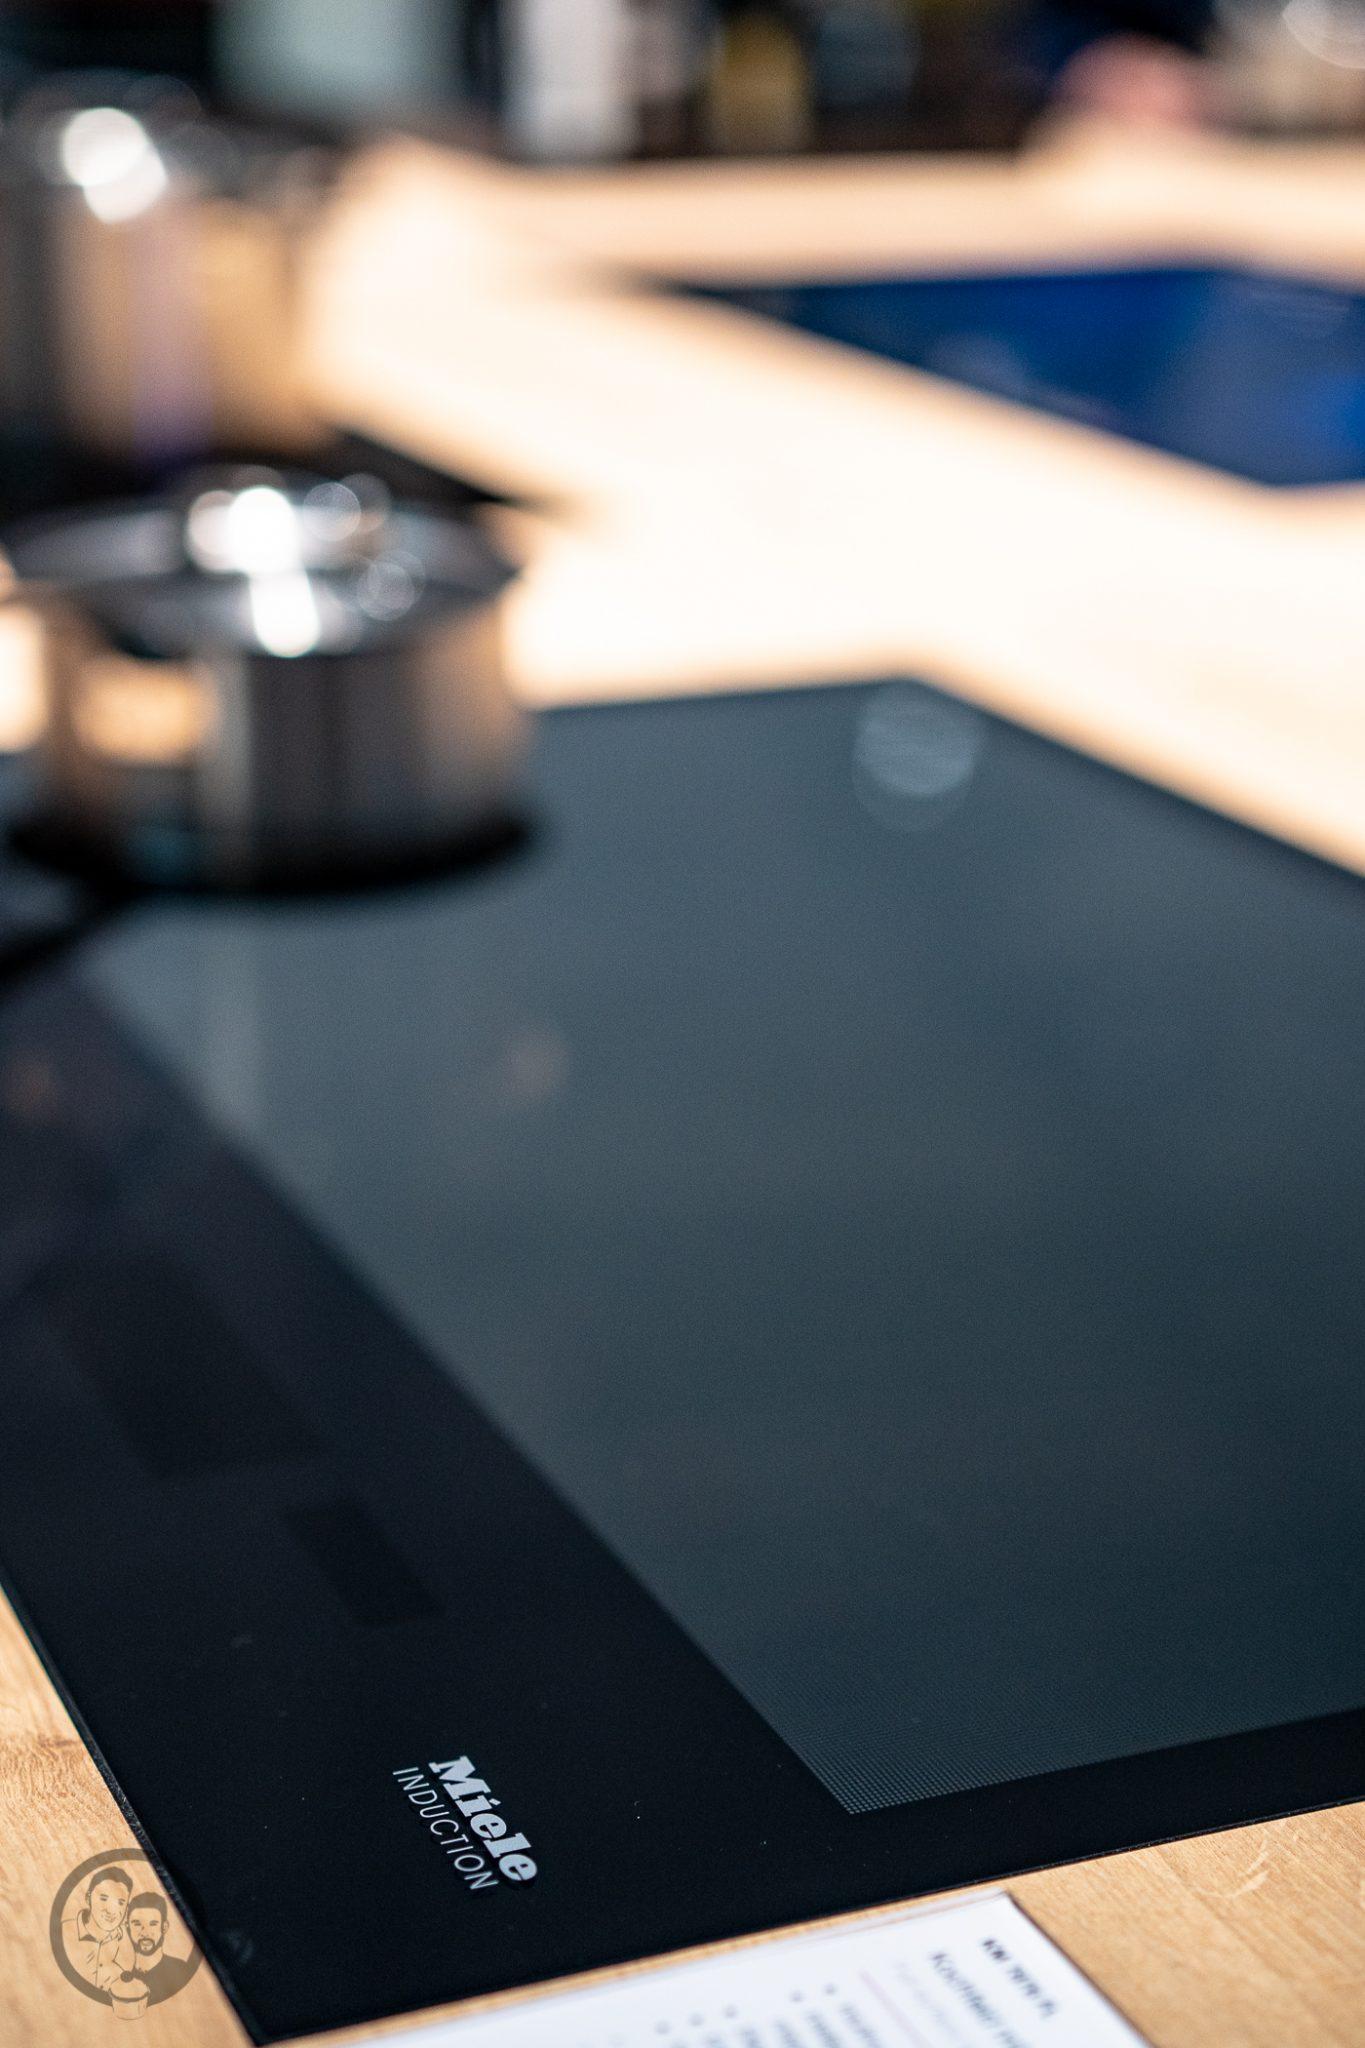 Küchenmeile mW 29 | Wie ihr ja bestimmt wisst, sind wir seit diesem Jahr Kooperationspartner von Miele.Daher hatten wir das große Glück, den Messestand von Miele nicht nur auf der IFA, sondern auch auf der Küchenmeile in Rödinghausen zu besuchen. Dort konnten wir uns einen spannenden Eindruck der Miele Küchenneuheiten machen, aber auch von der restlichen Produktpalette. Da Küchenequipment für alle Koch- und Backbegeisterten auch ein großes Thema ist, möchten wir euch gerne an unserem Besuch teilhaben lassen.